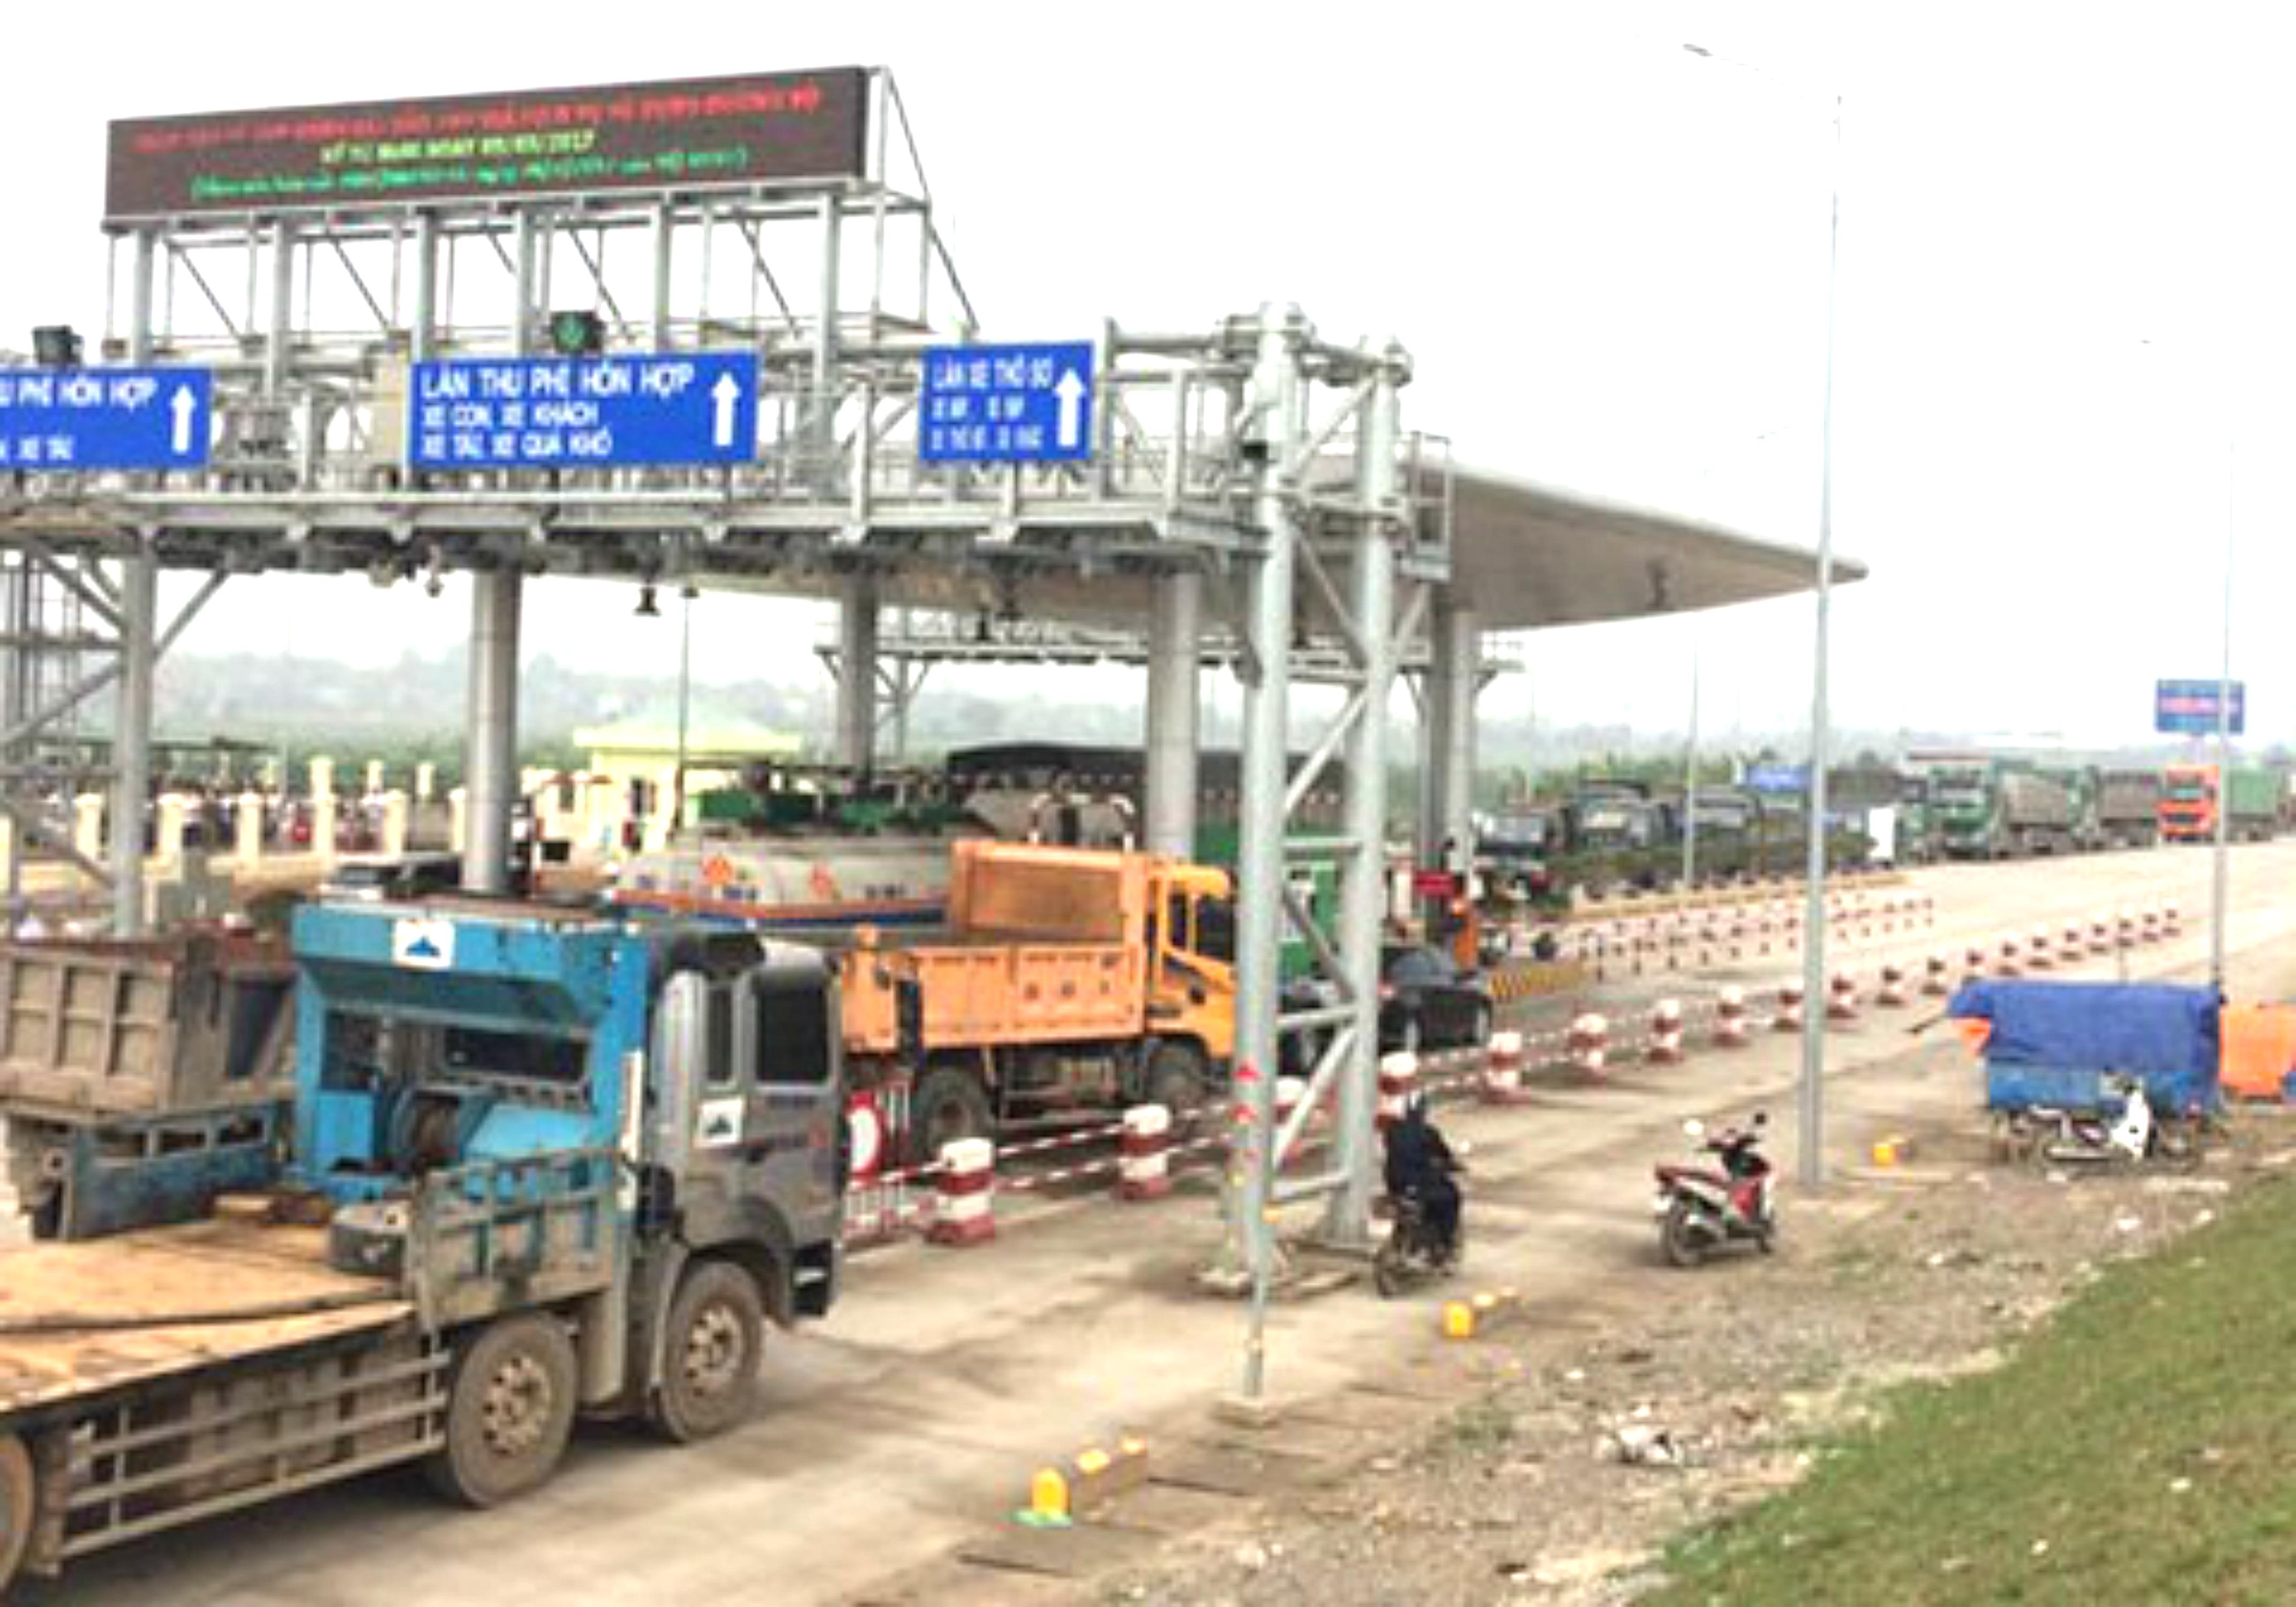 Dân chặng đường quốc lộ vì không đi mà vẫn phải nộp phí